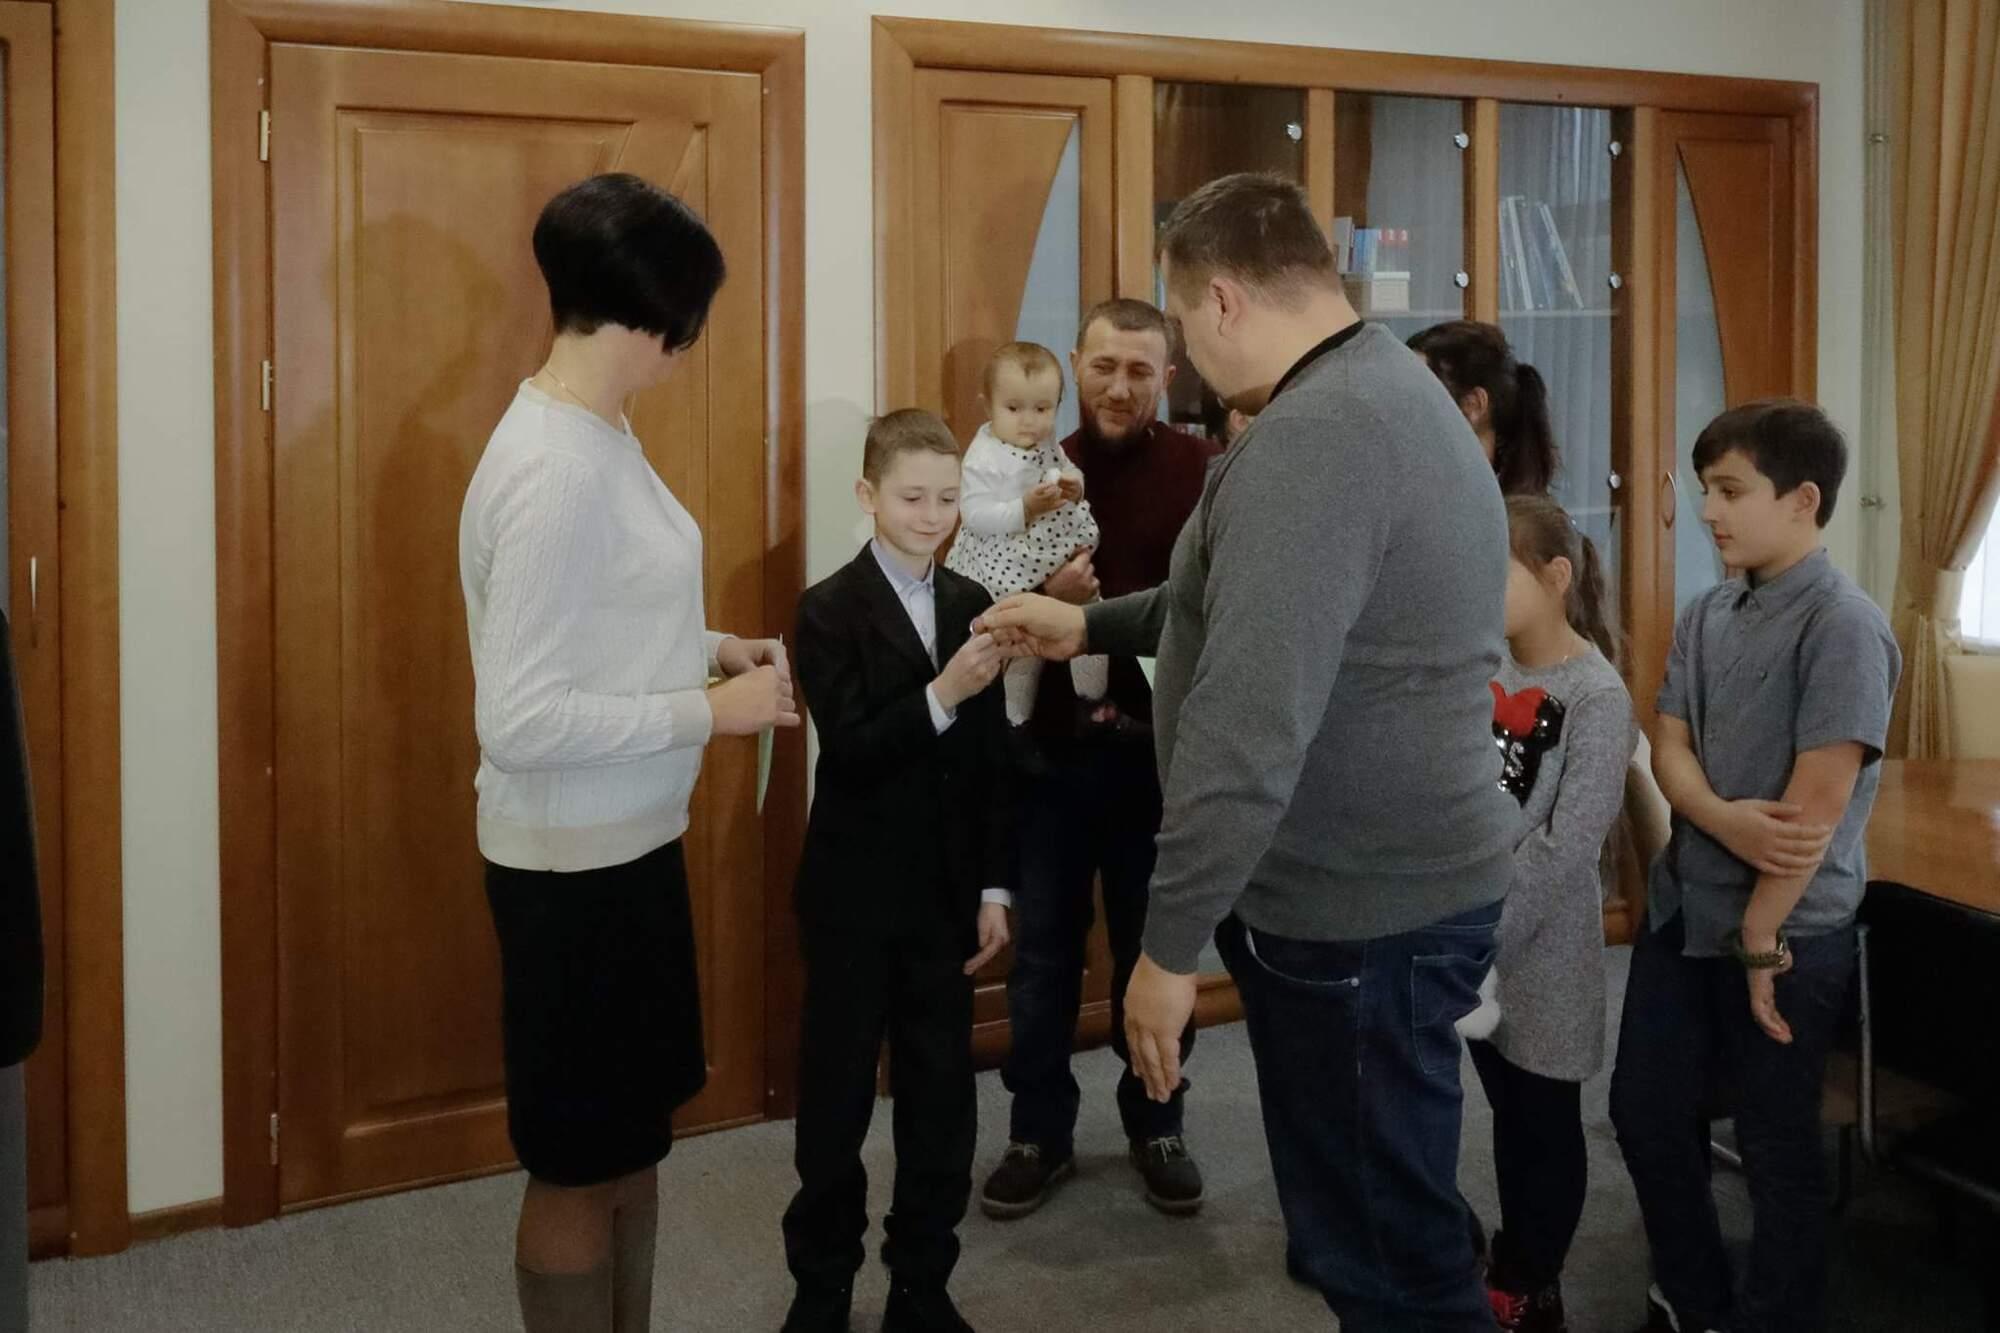 Філатов передав родинам волонтера та військового ордери на нові квартири